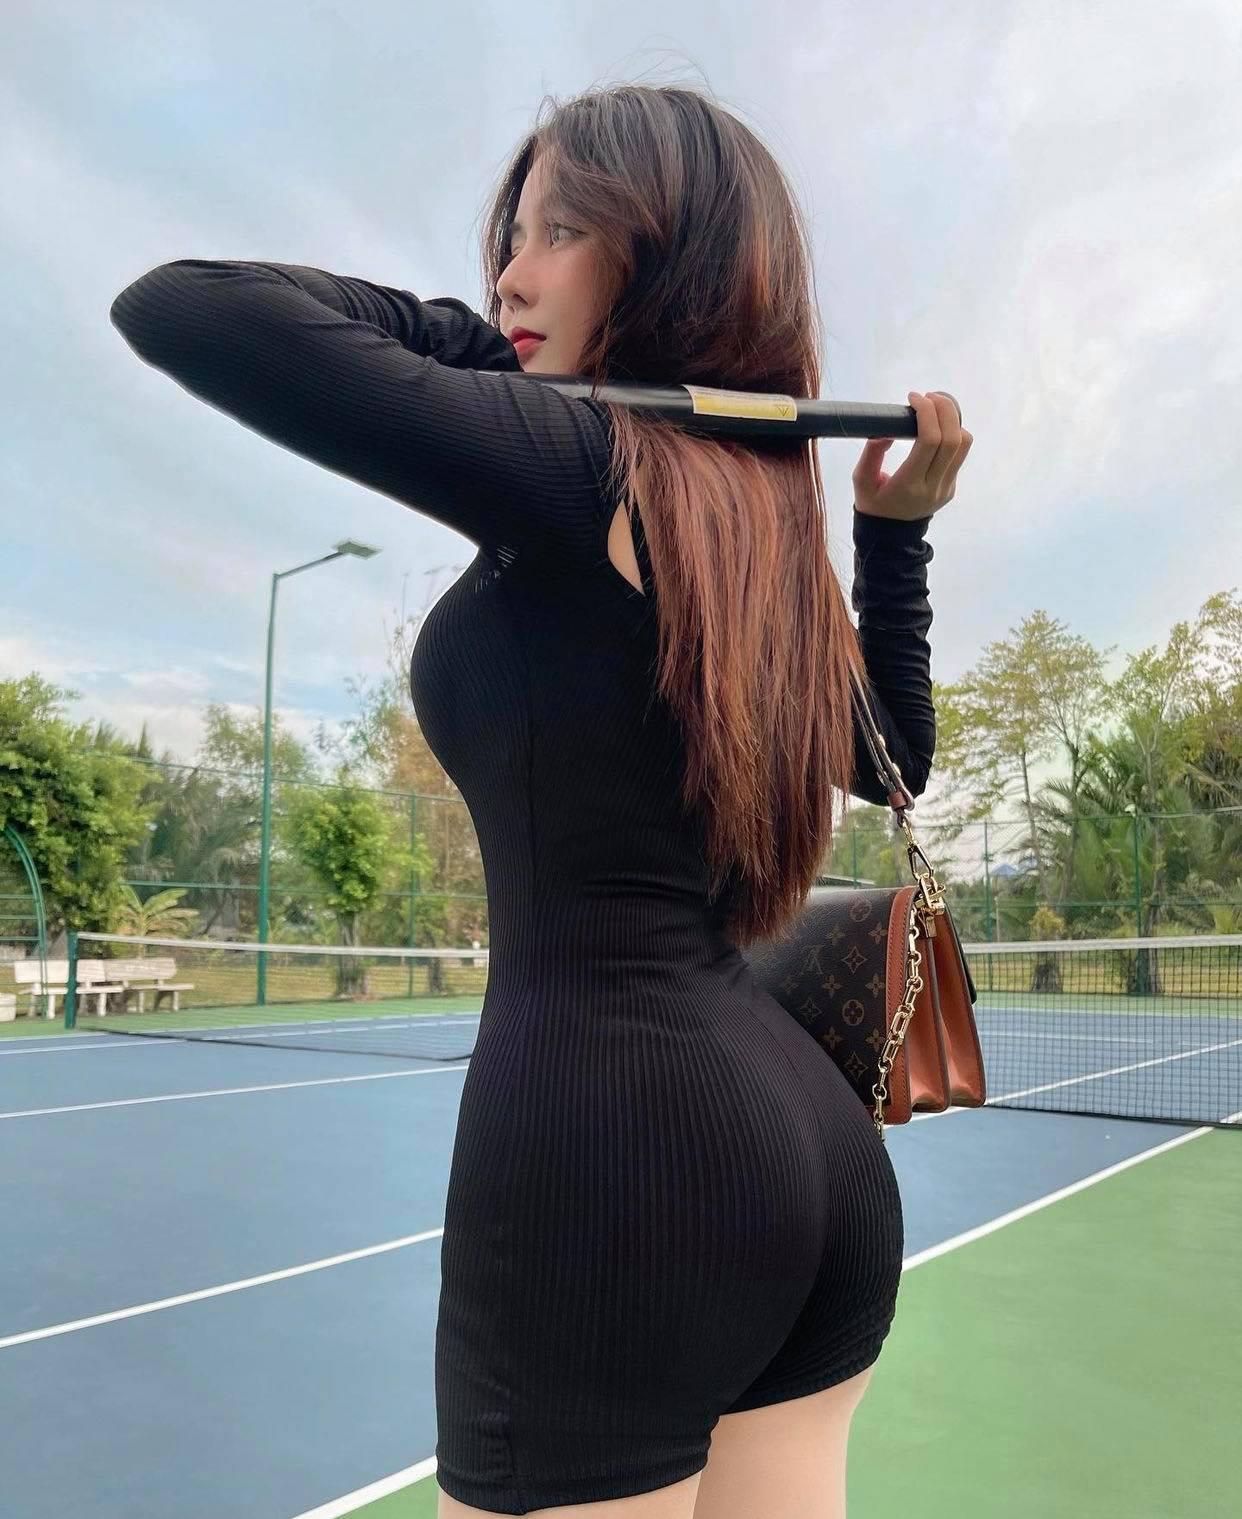 Nữ sinh hot nhất Sài thành chuyên diện đồ ôm siêu ngắn ra sân môn thể thao nhà giàu - hình ảnh 2